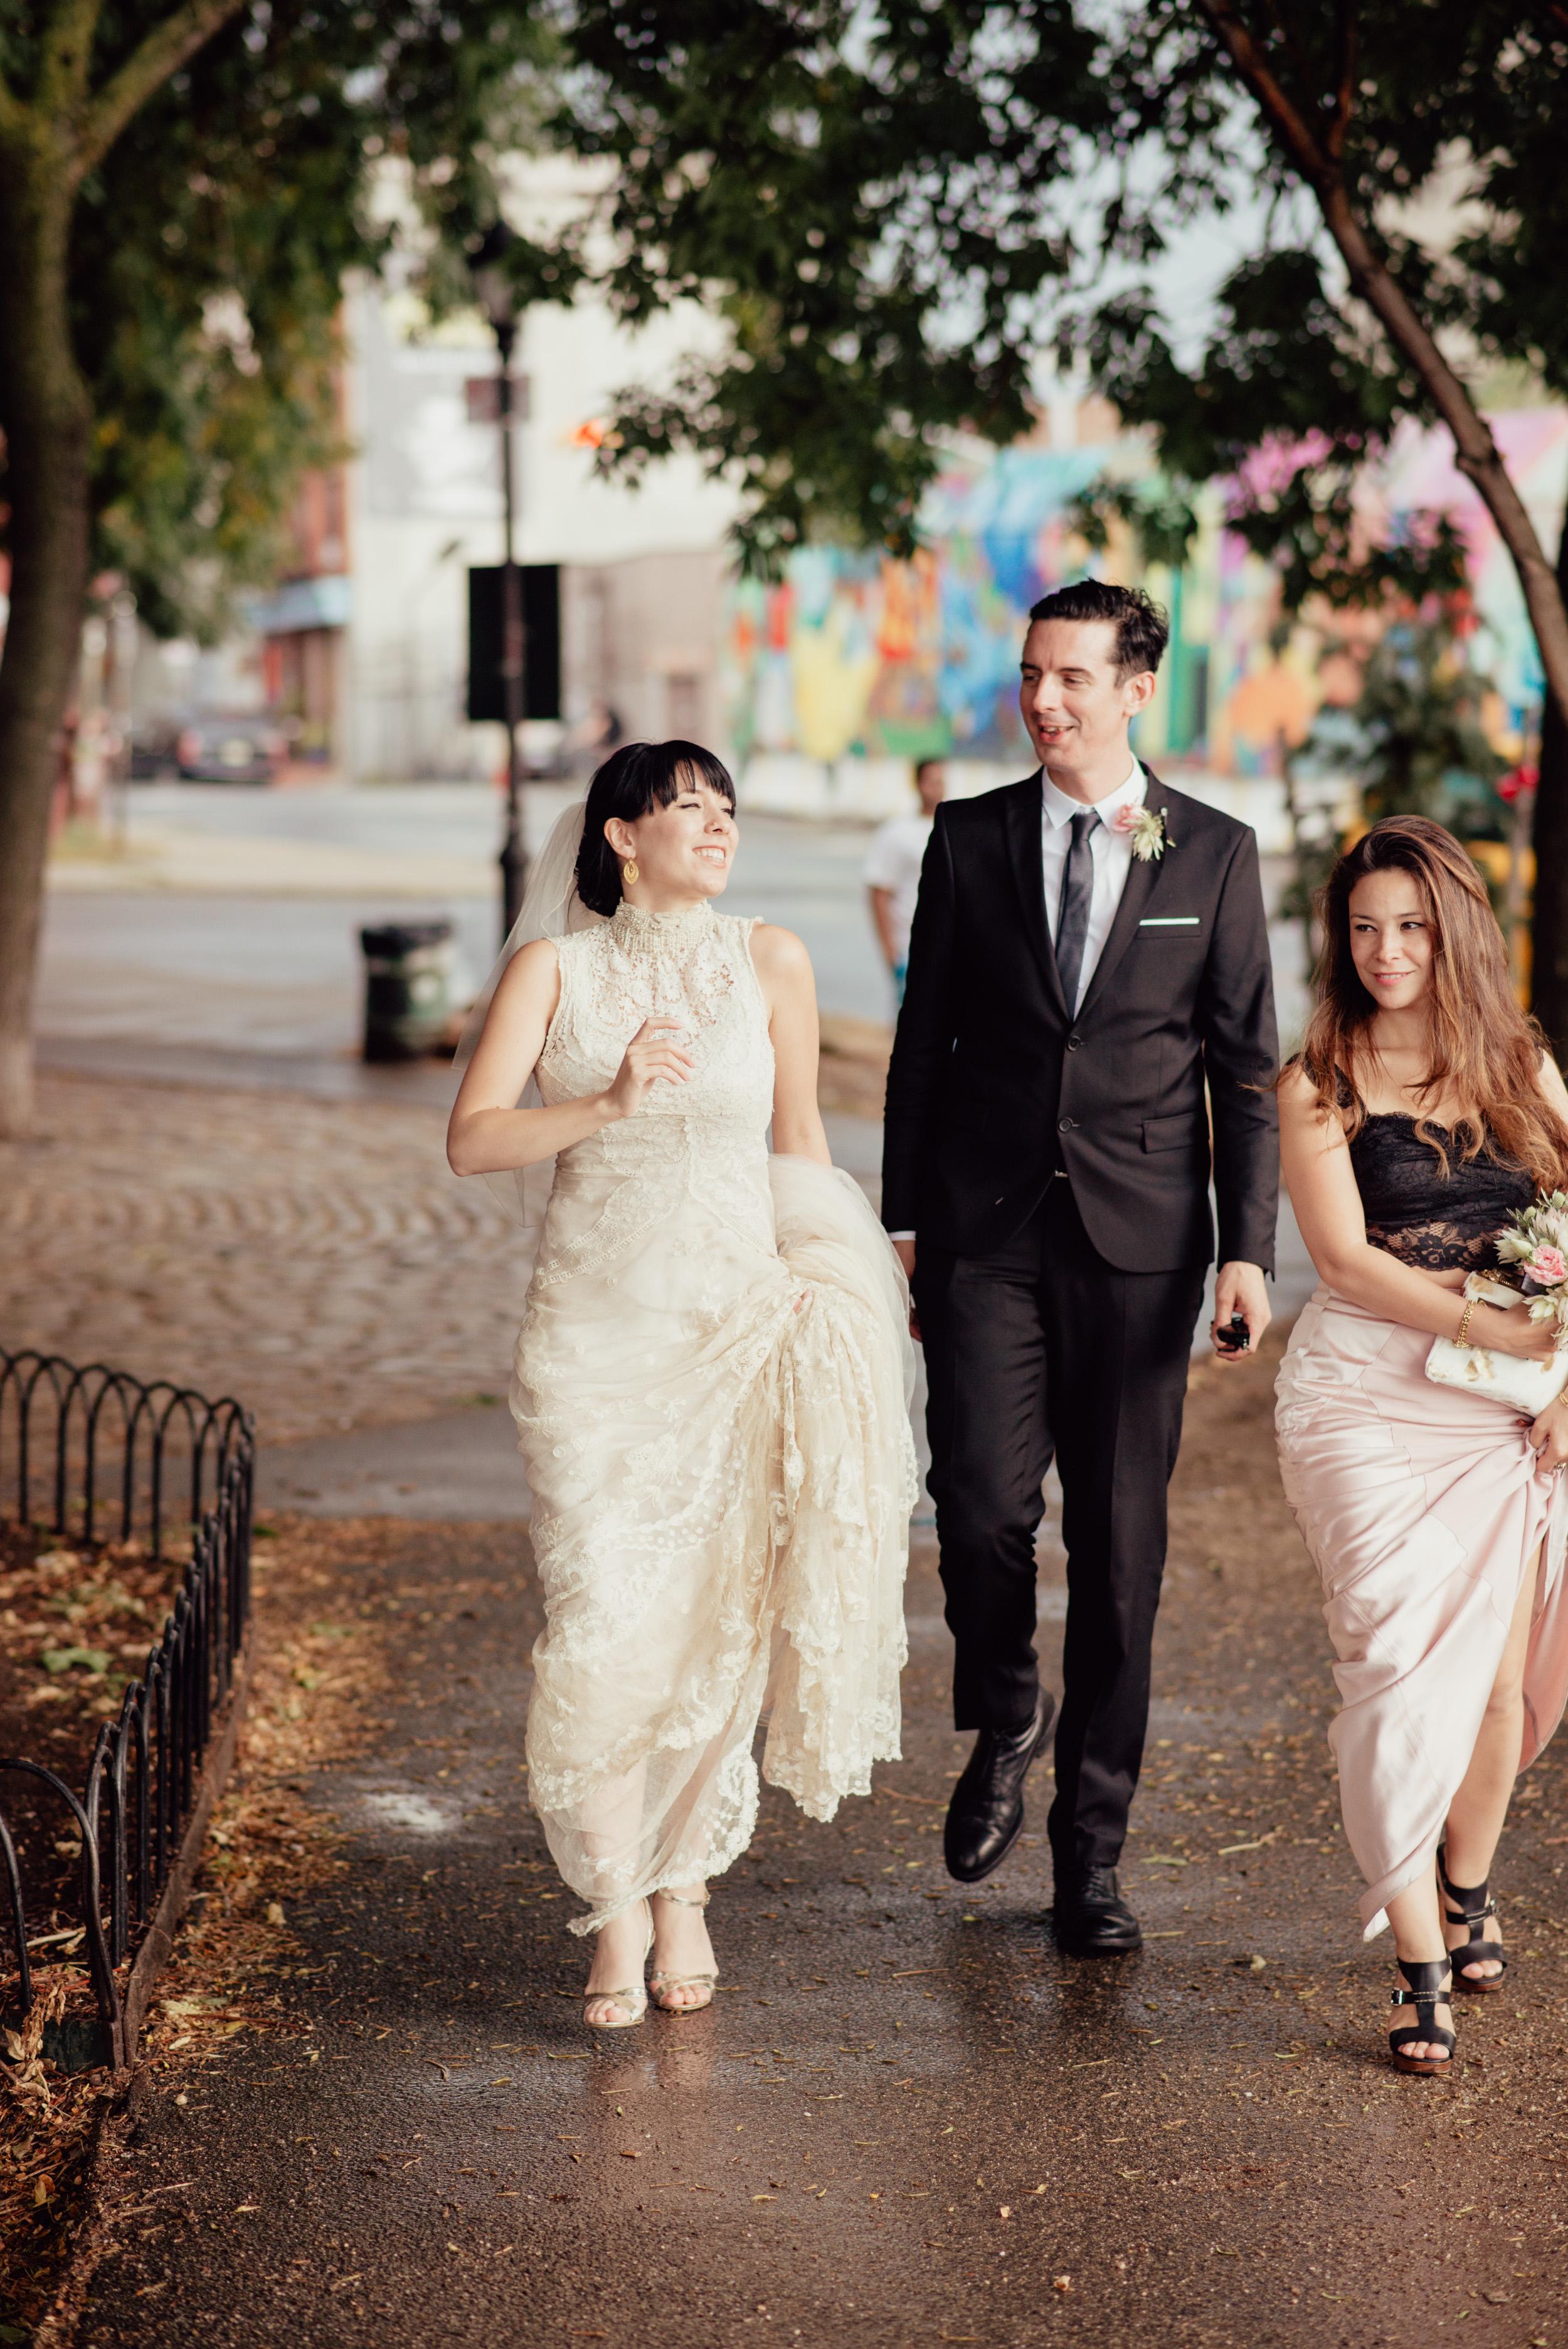 cleland-studios-weddings-34.jpg